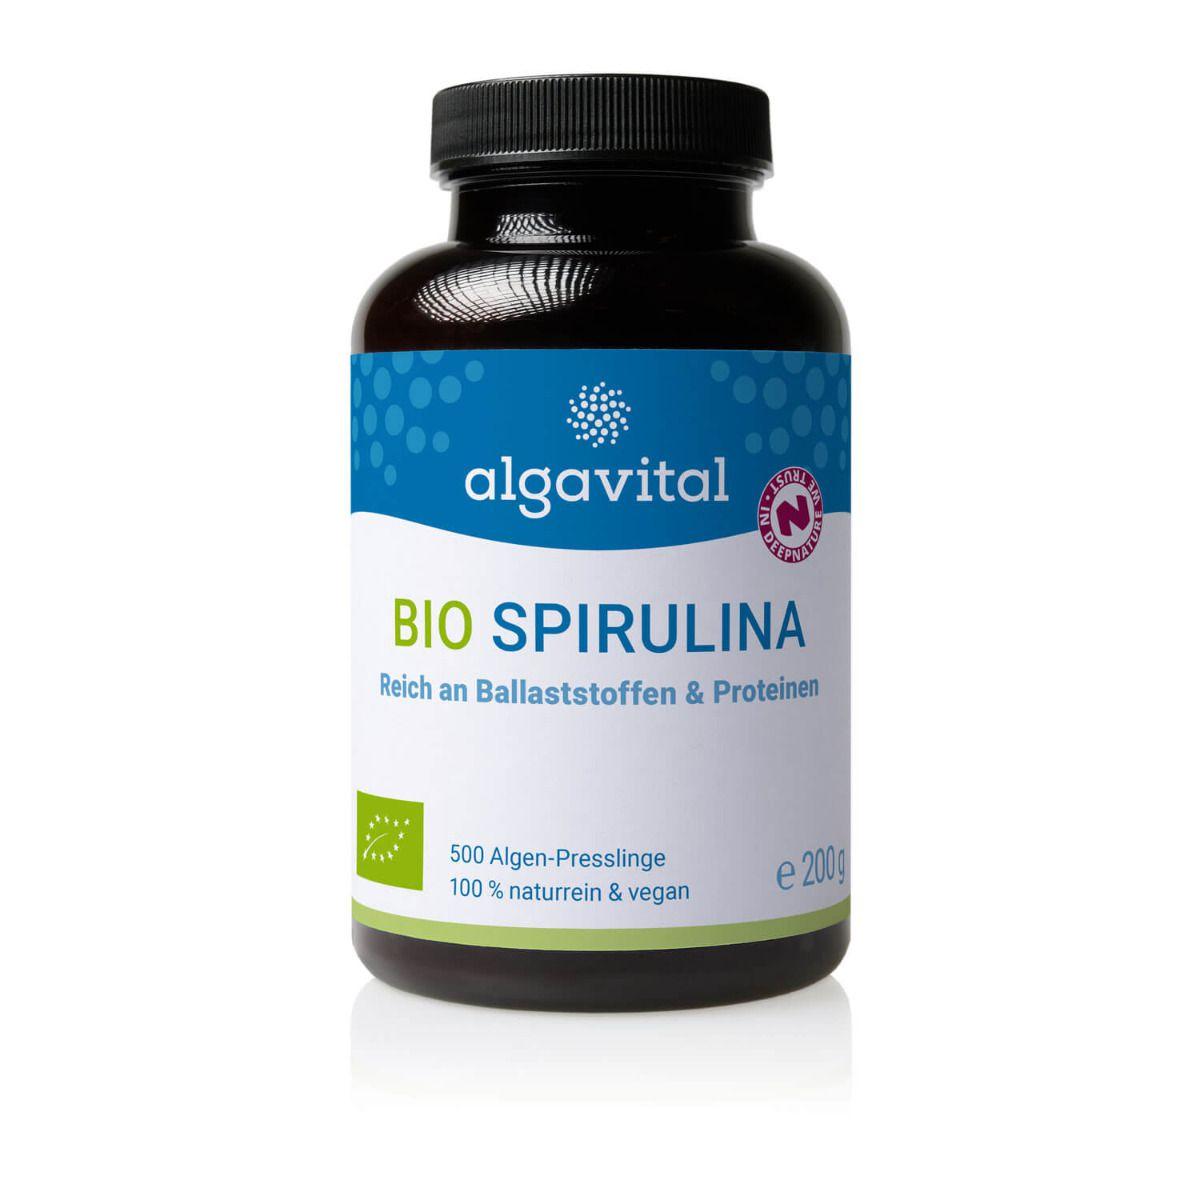 Bio Spirulina 500 Presslinge a 350mg